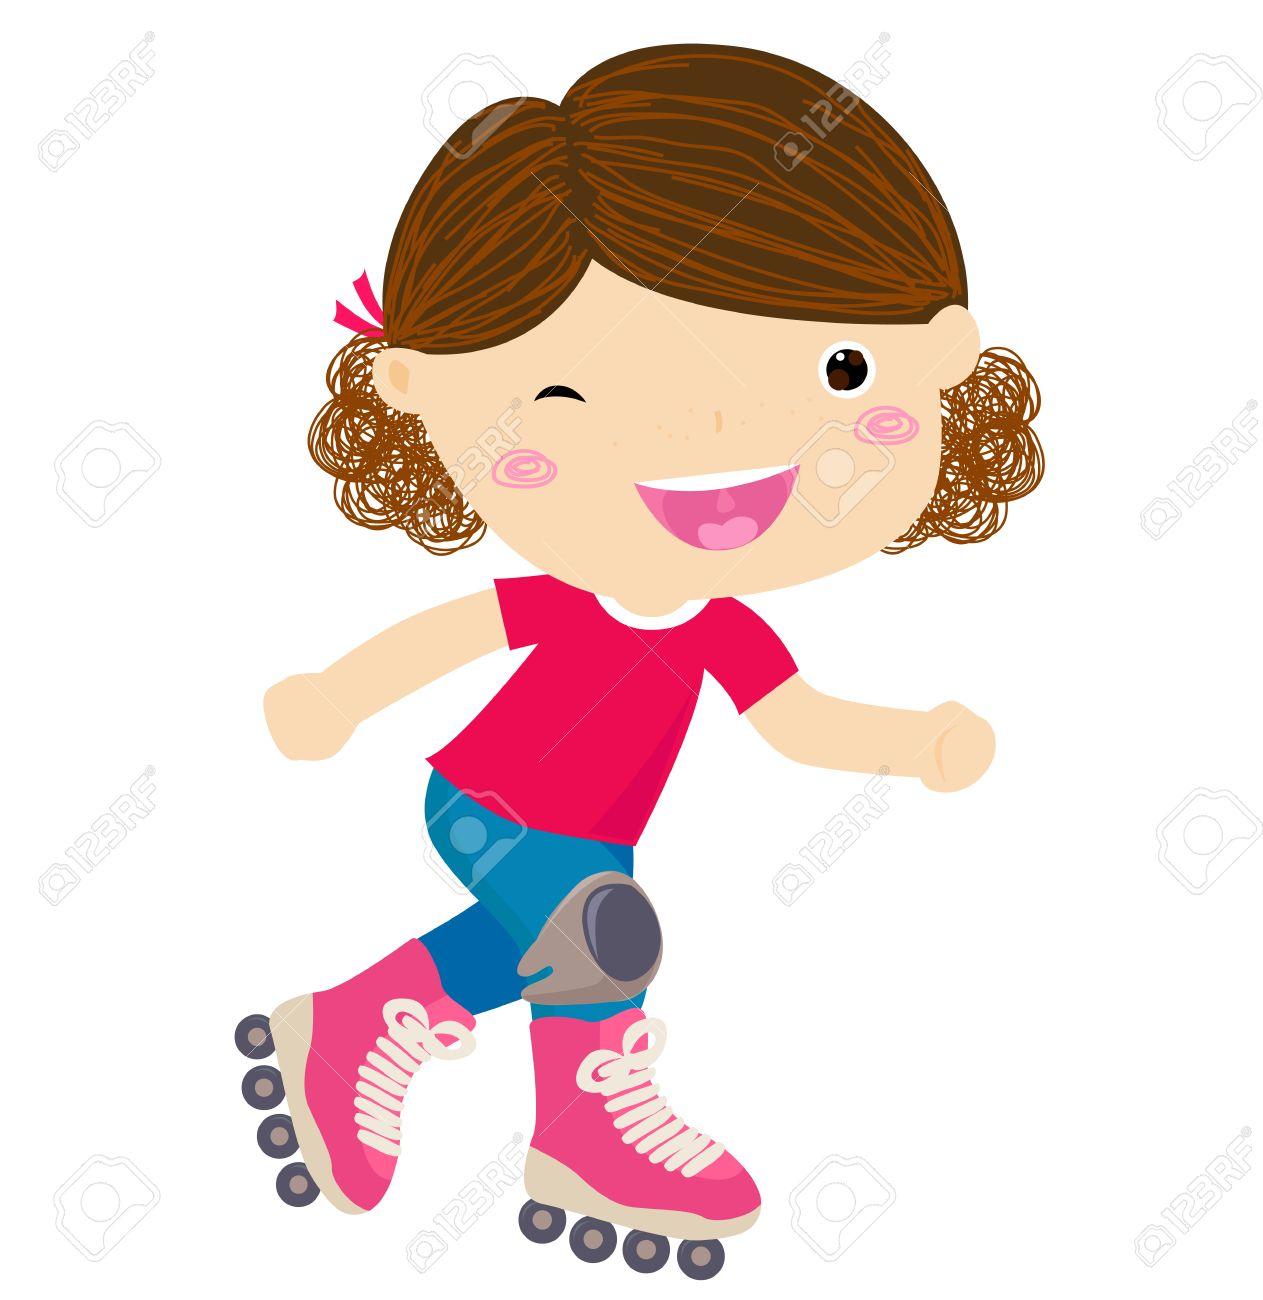 Cute little girl riding roller skates.